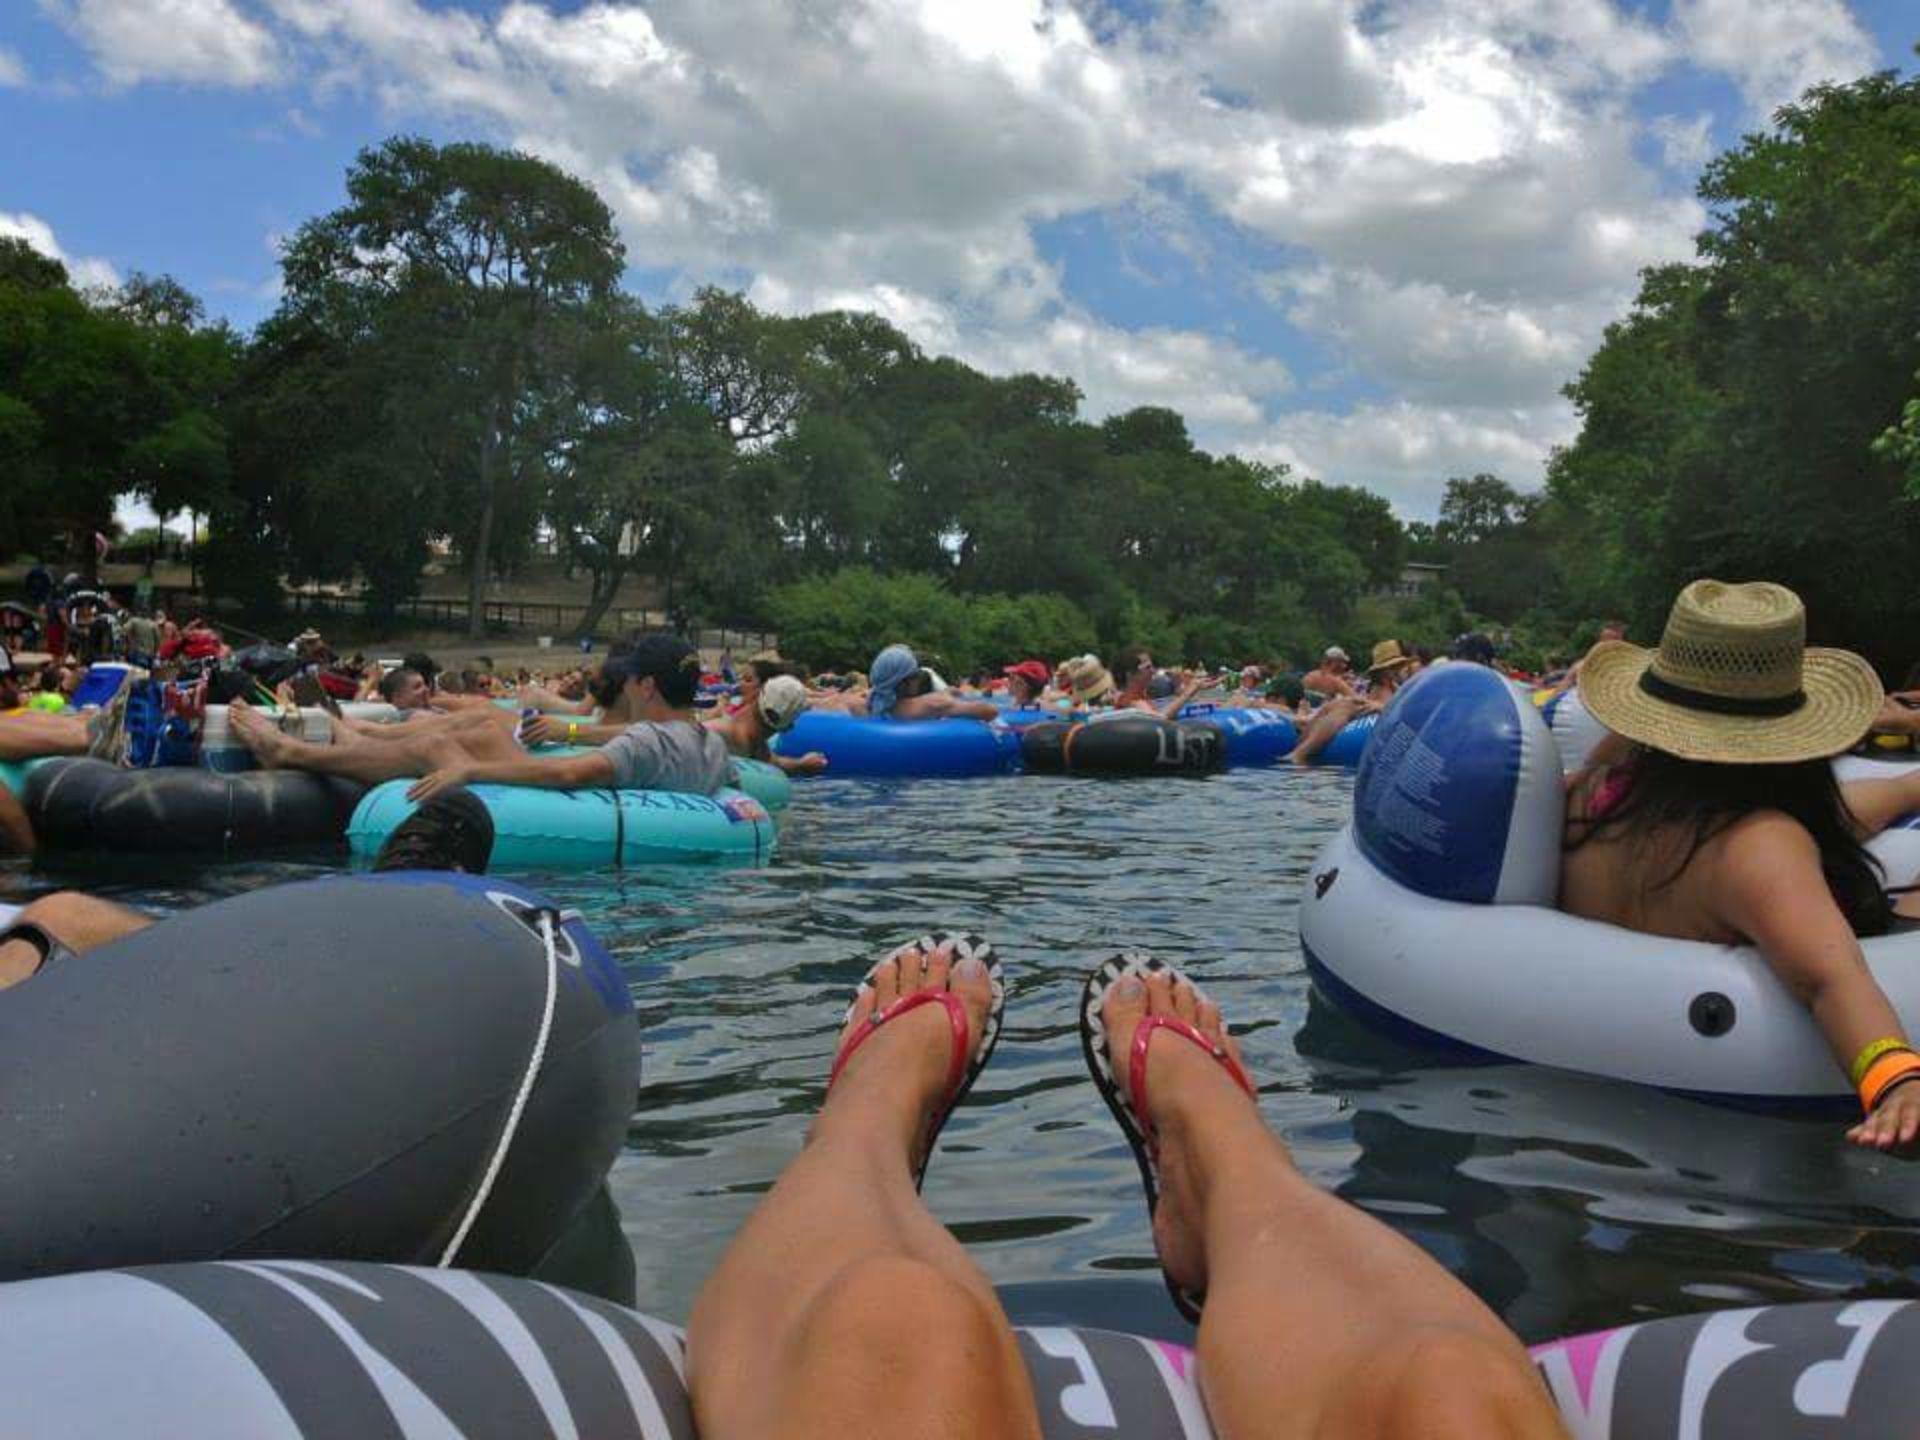 River Fun in New Braunfels!